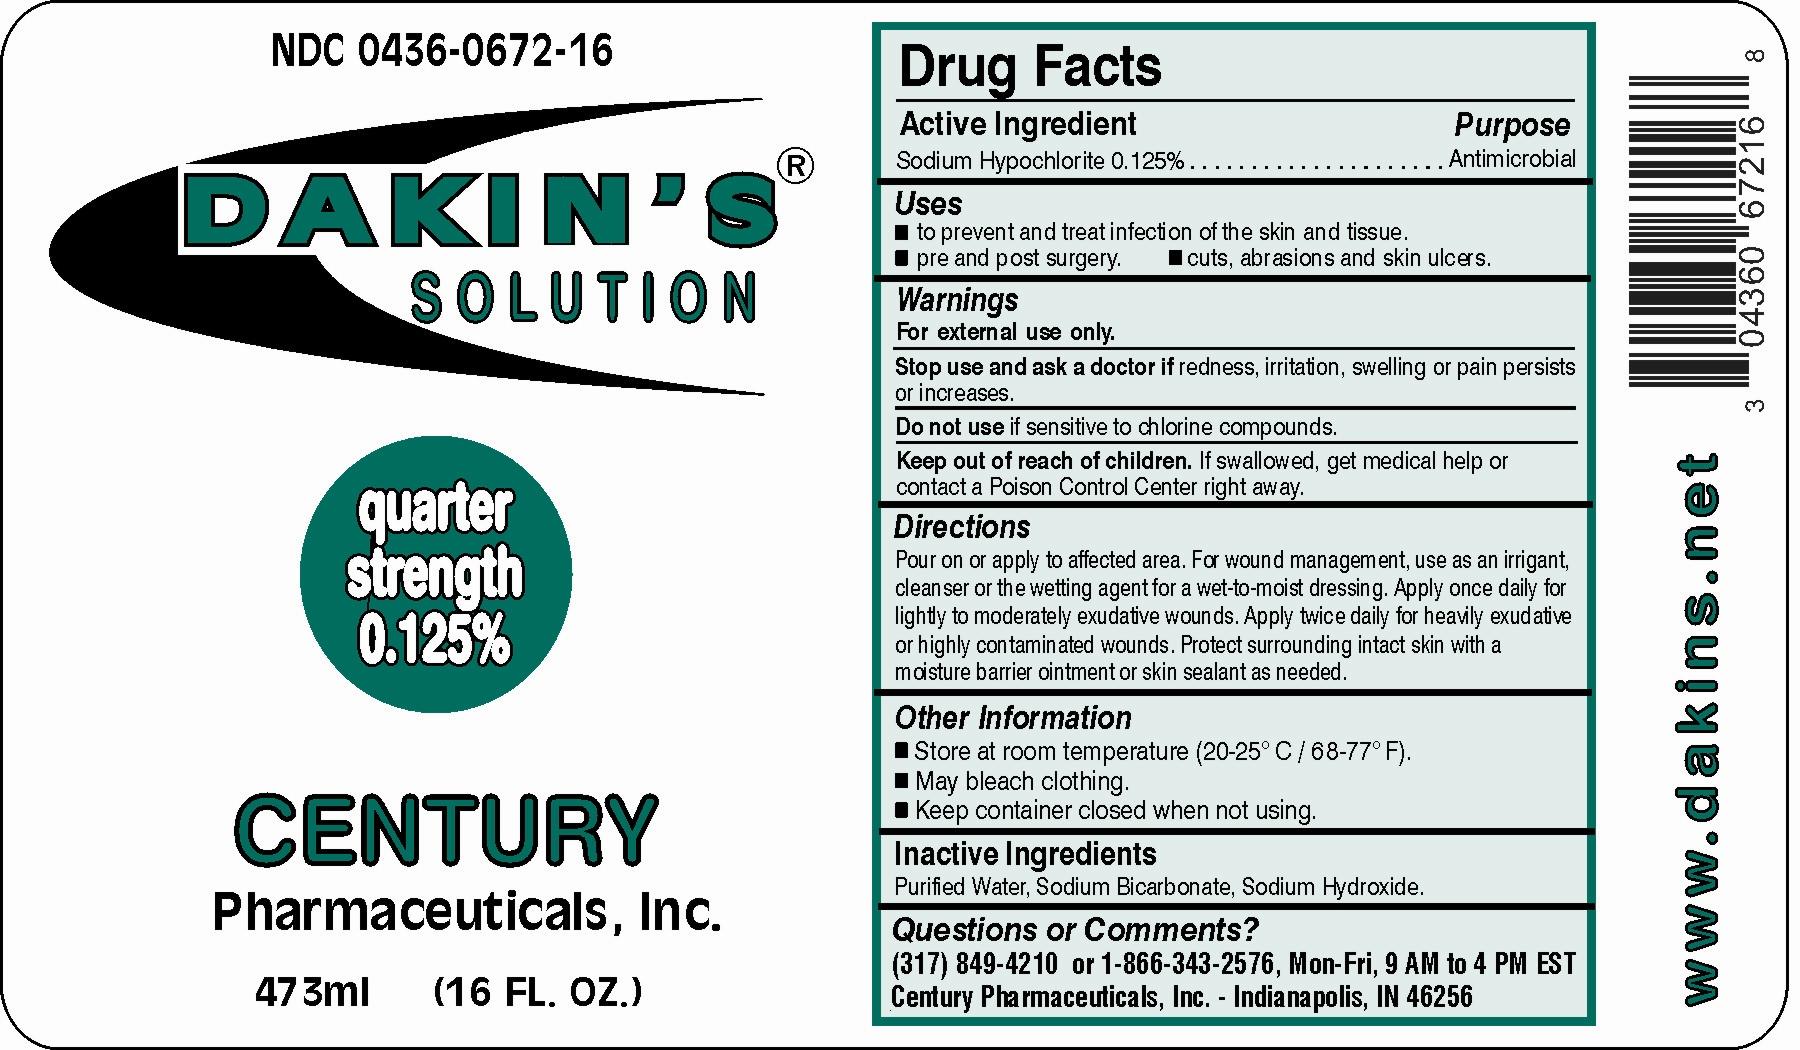 Dakins Quarter (Sodium Hypochlorite) Solution [Century Pharmaceuticals, Inc.]